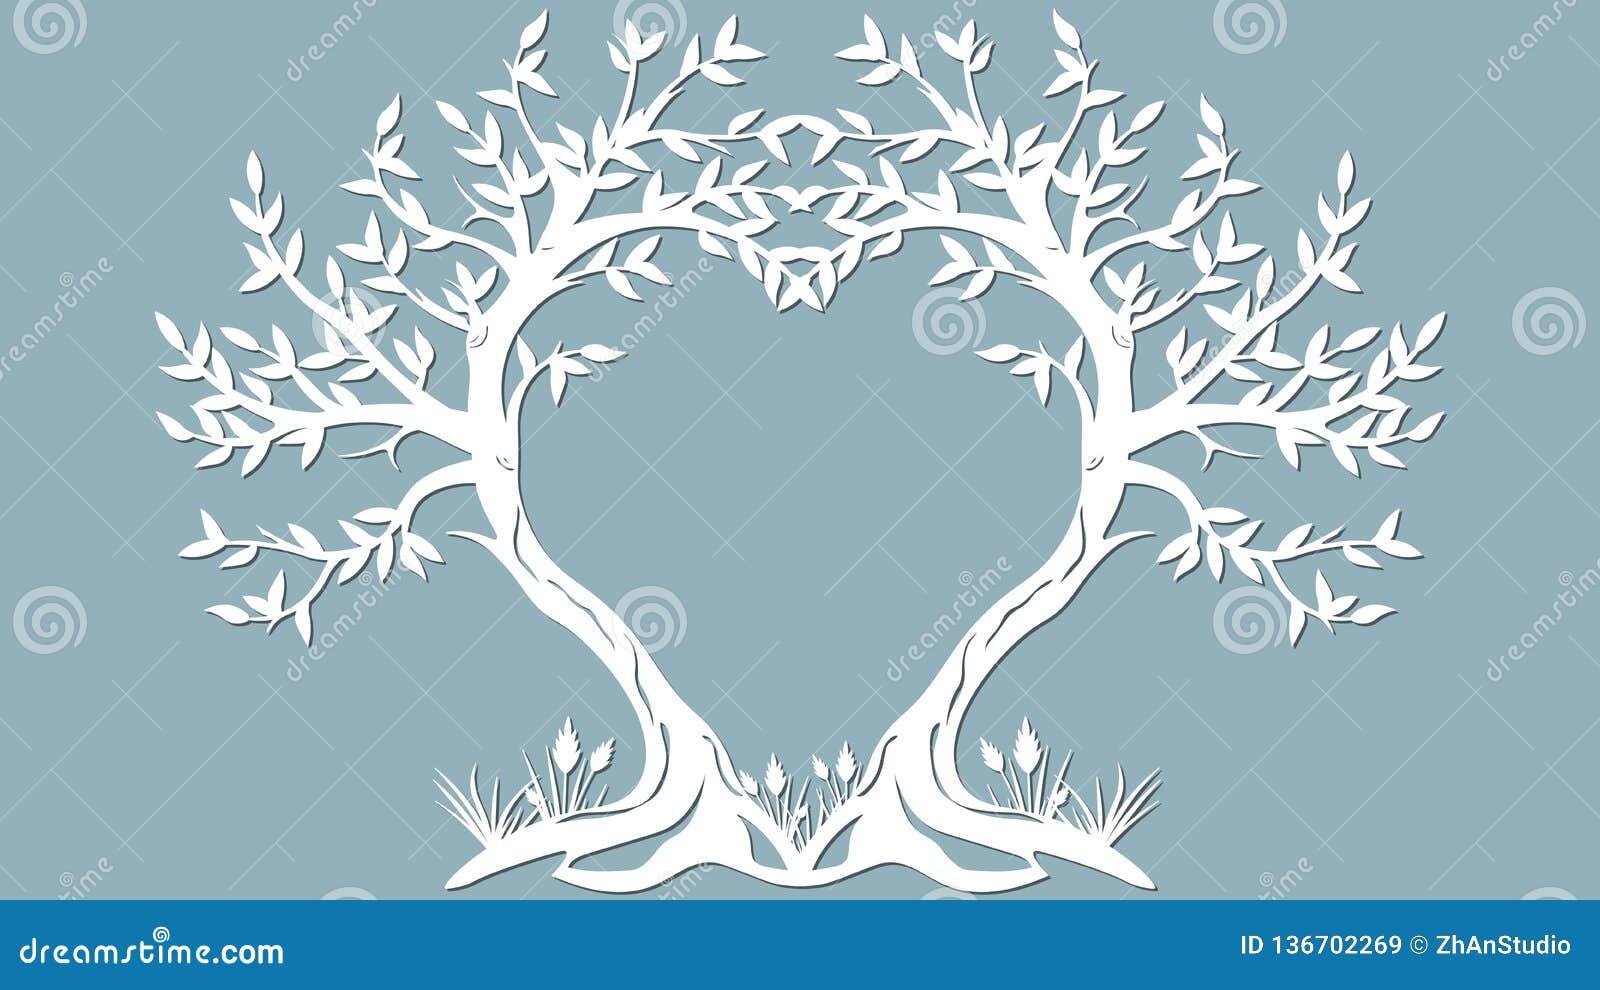 Vektorillustrationvykort Inbjudan- och hälsningkort med träden i form av en hjärta Modell för laser-snittet,